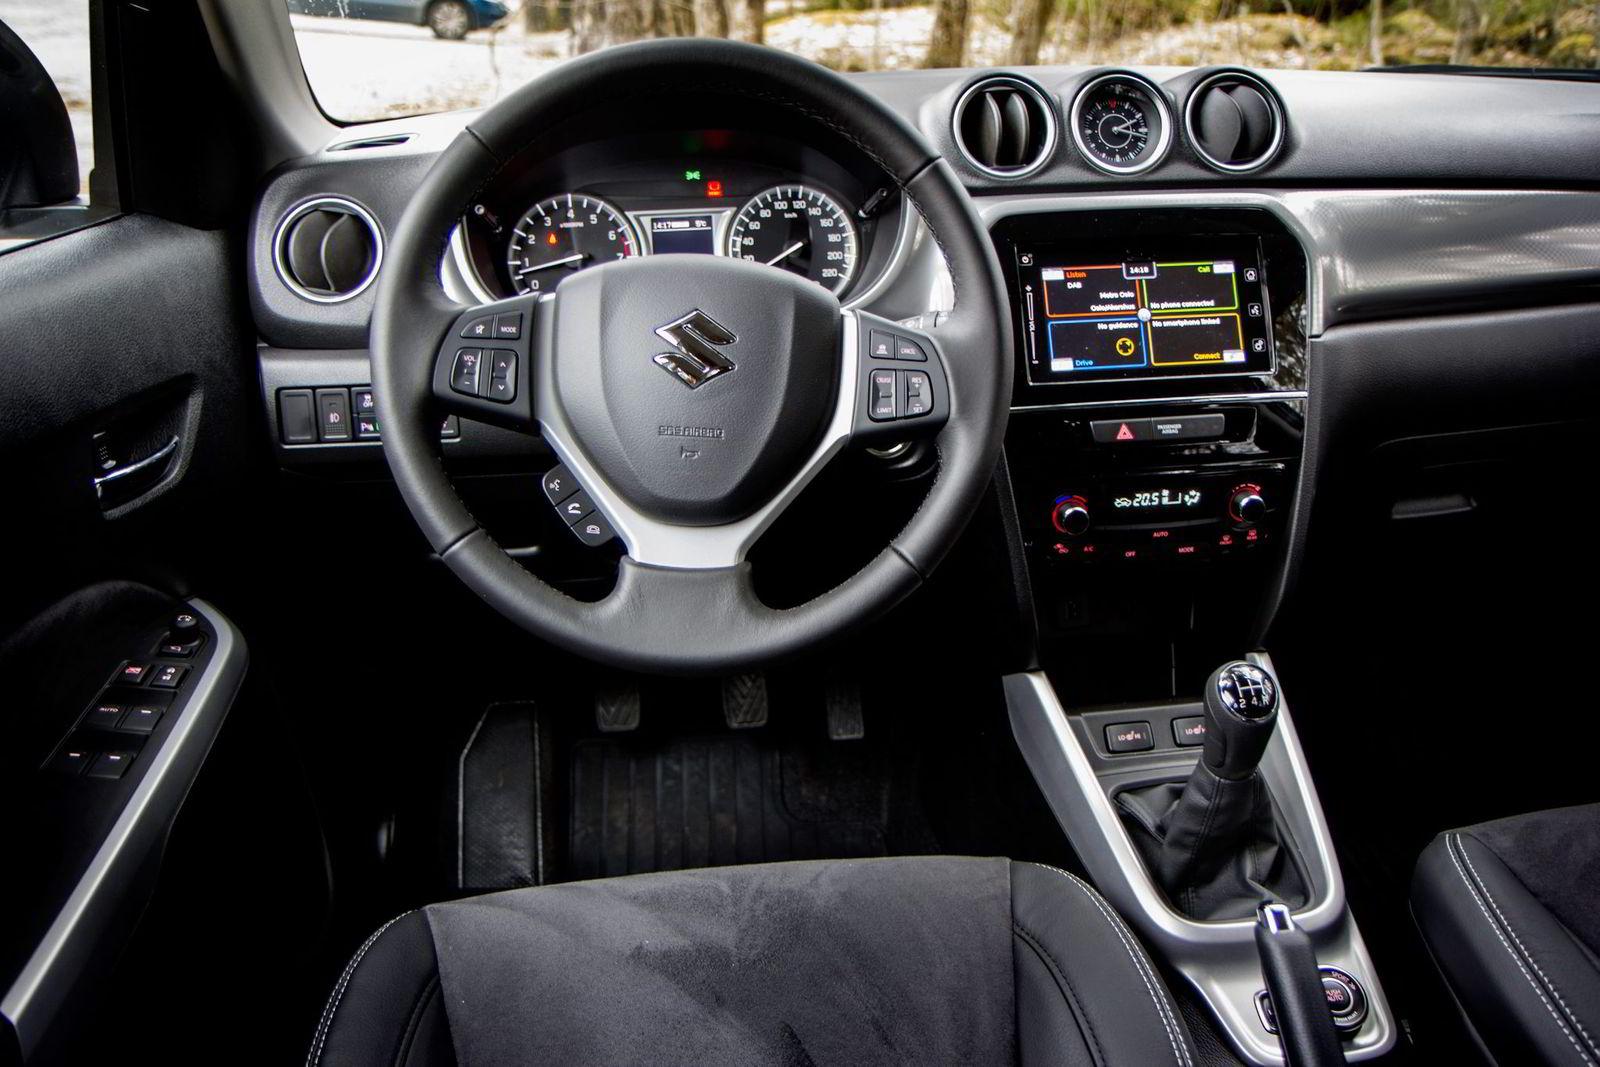 Vitara er en billig bil, noe som merkes godt på interiøret.